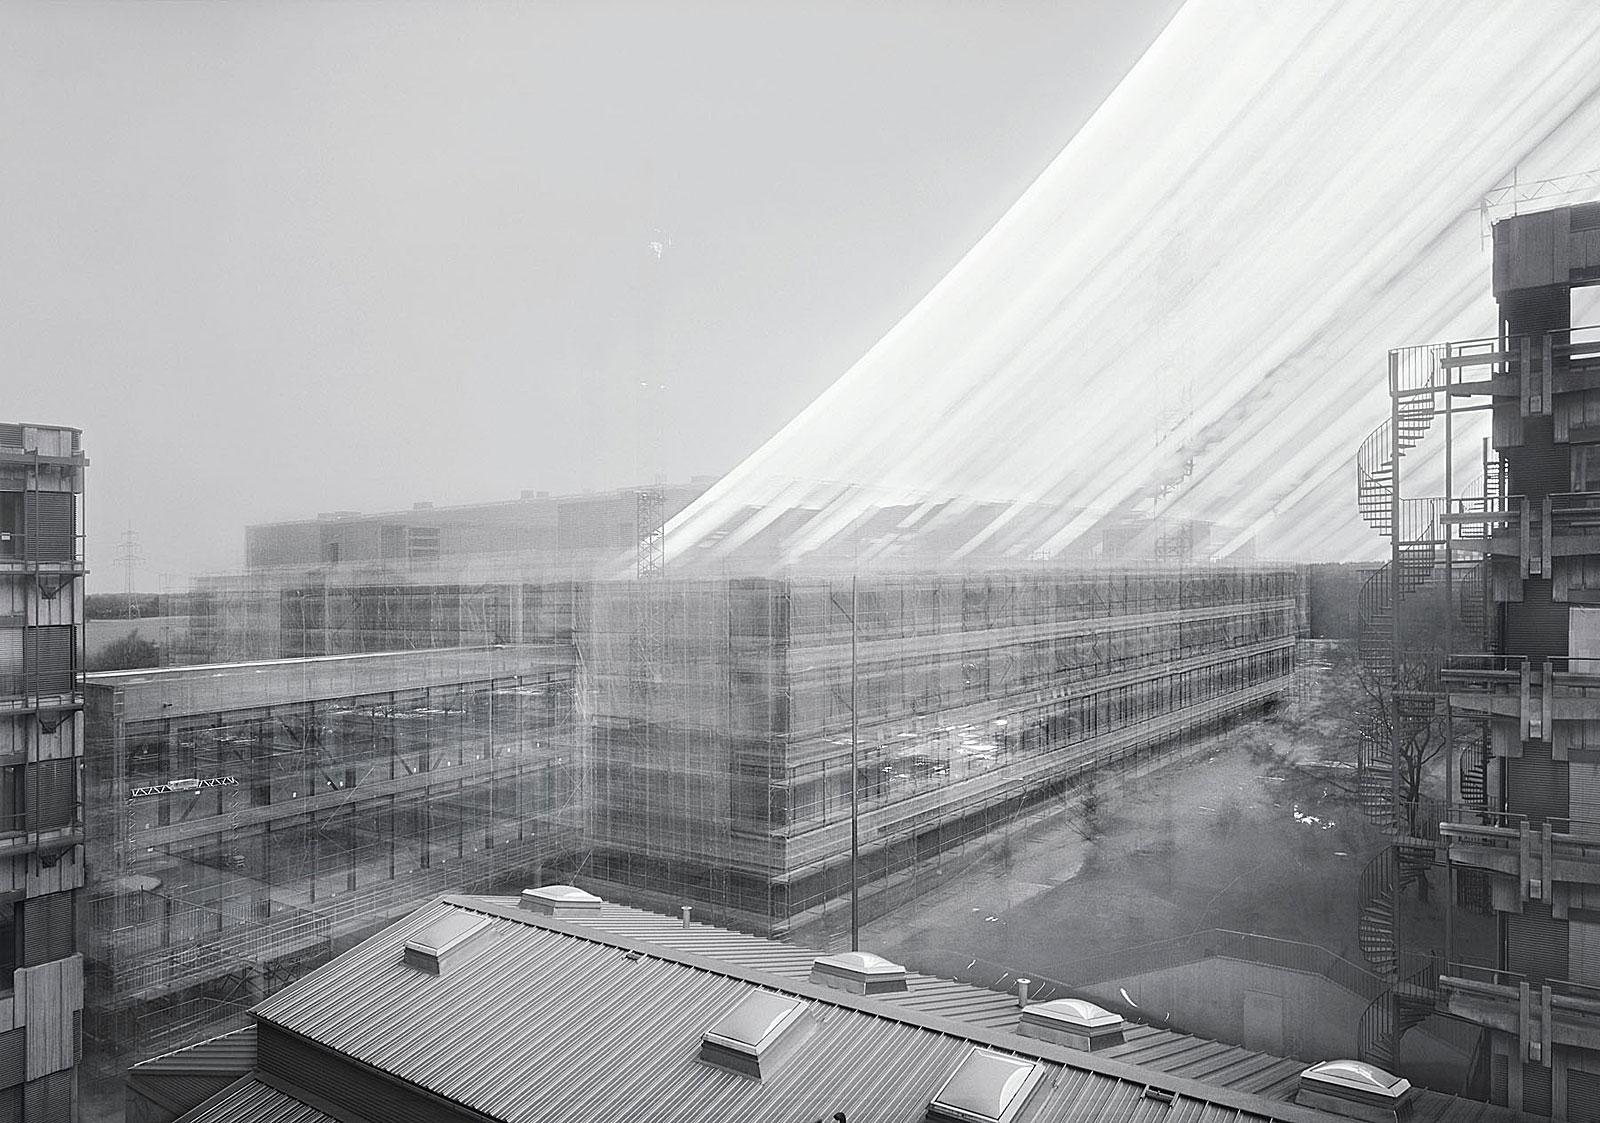 Zentralinstitut für Katalyseforschung, TUM, Garching (8.3.2010 - 5.6.2014)